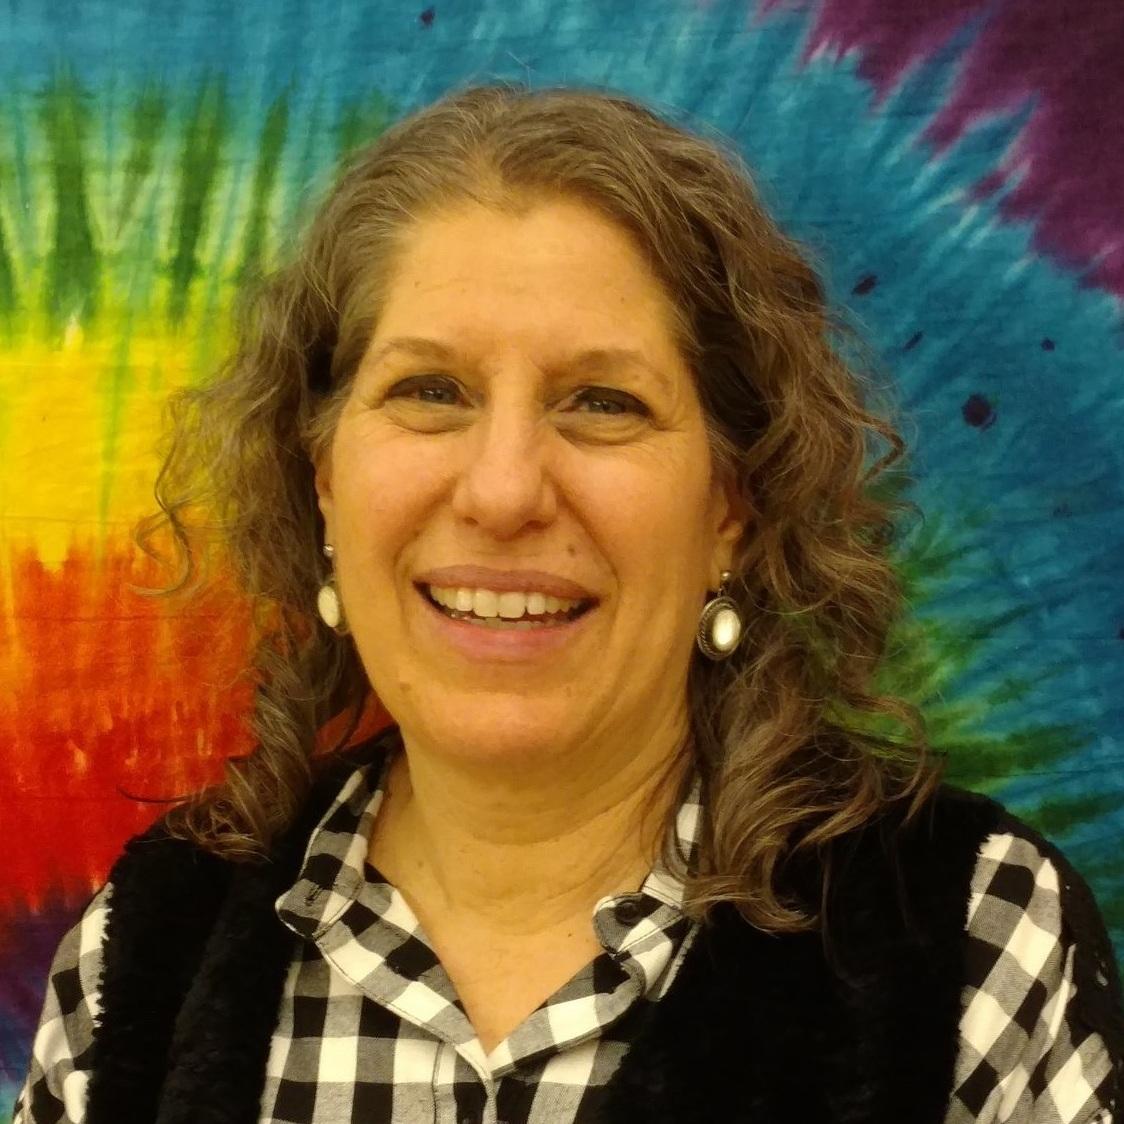 Randi Cohen Livingston, NJ   rcohen@tbsnj.org